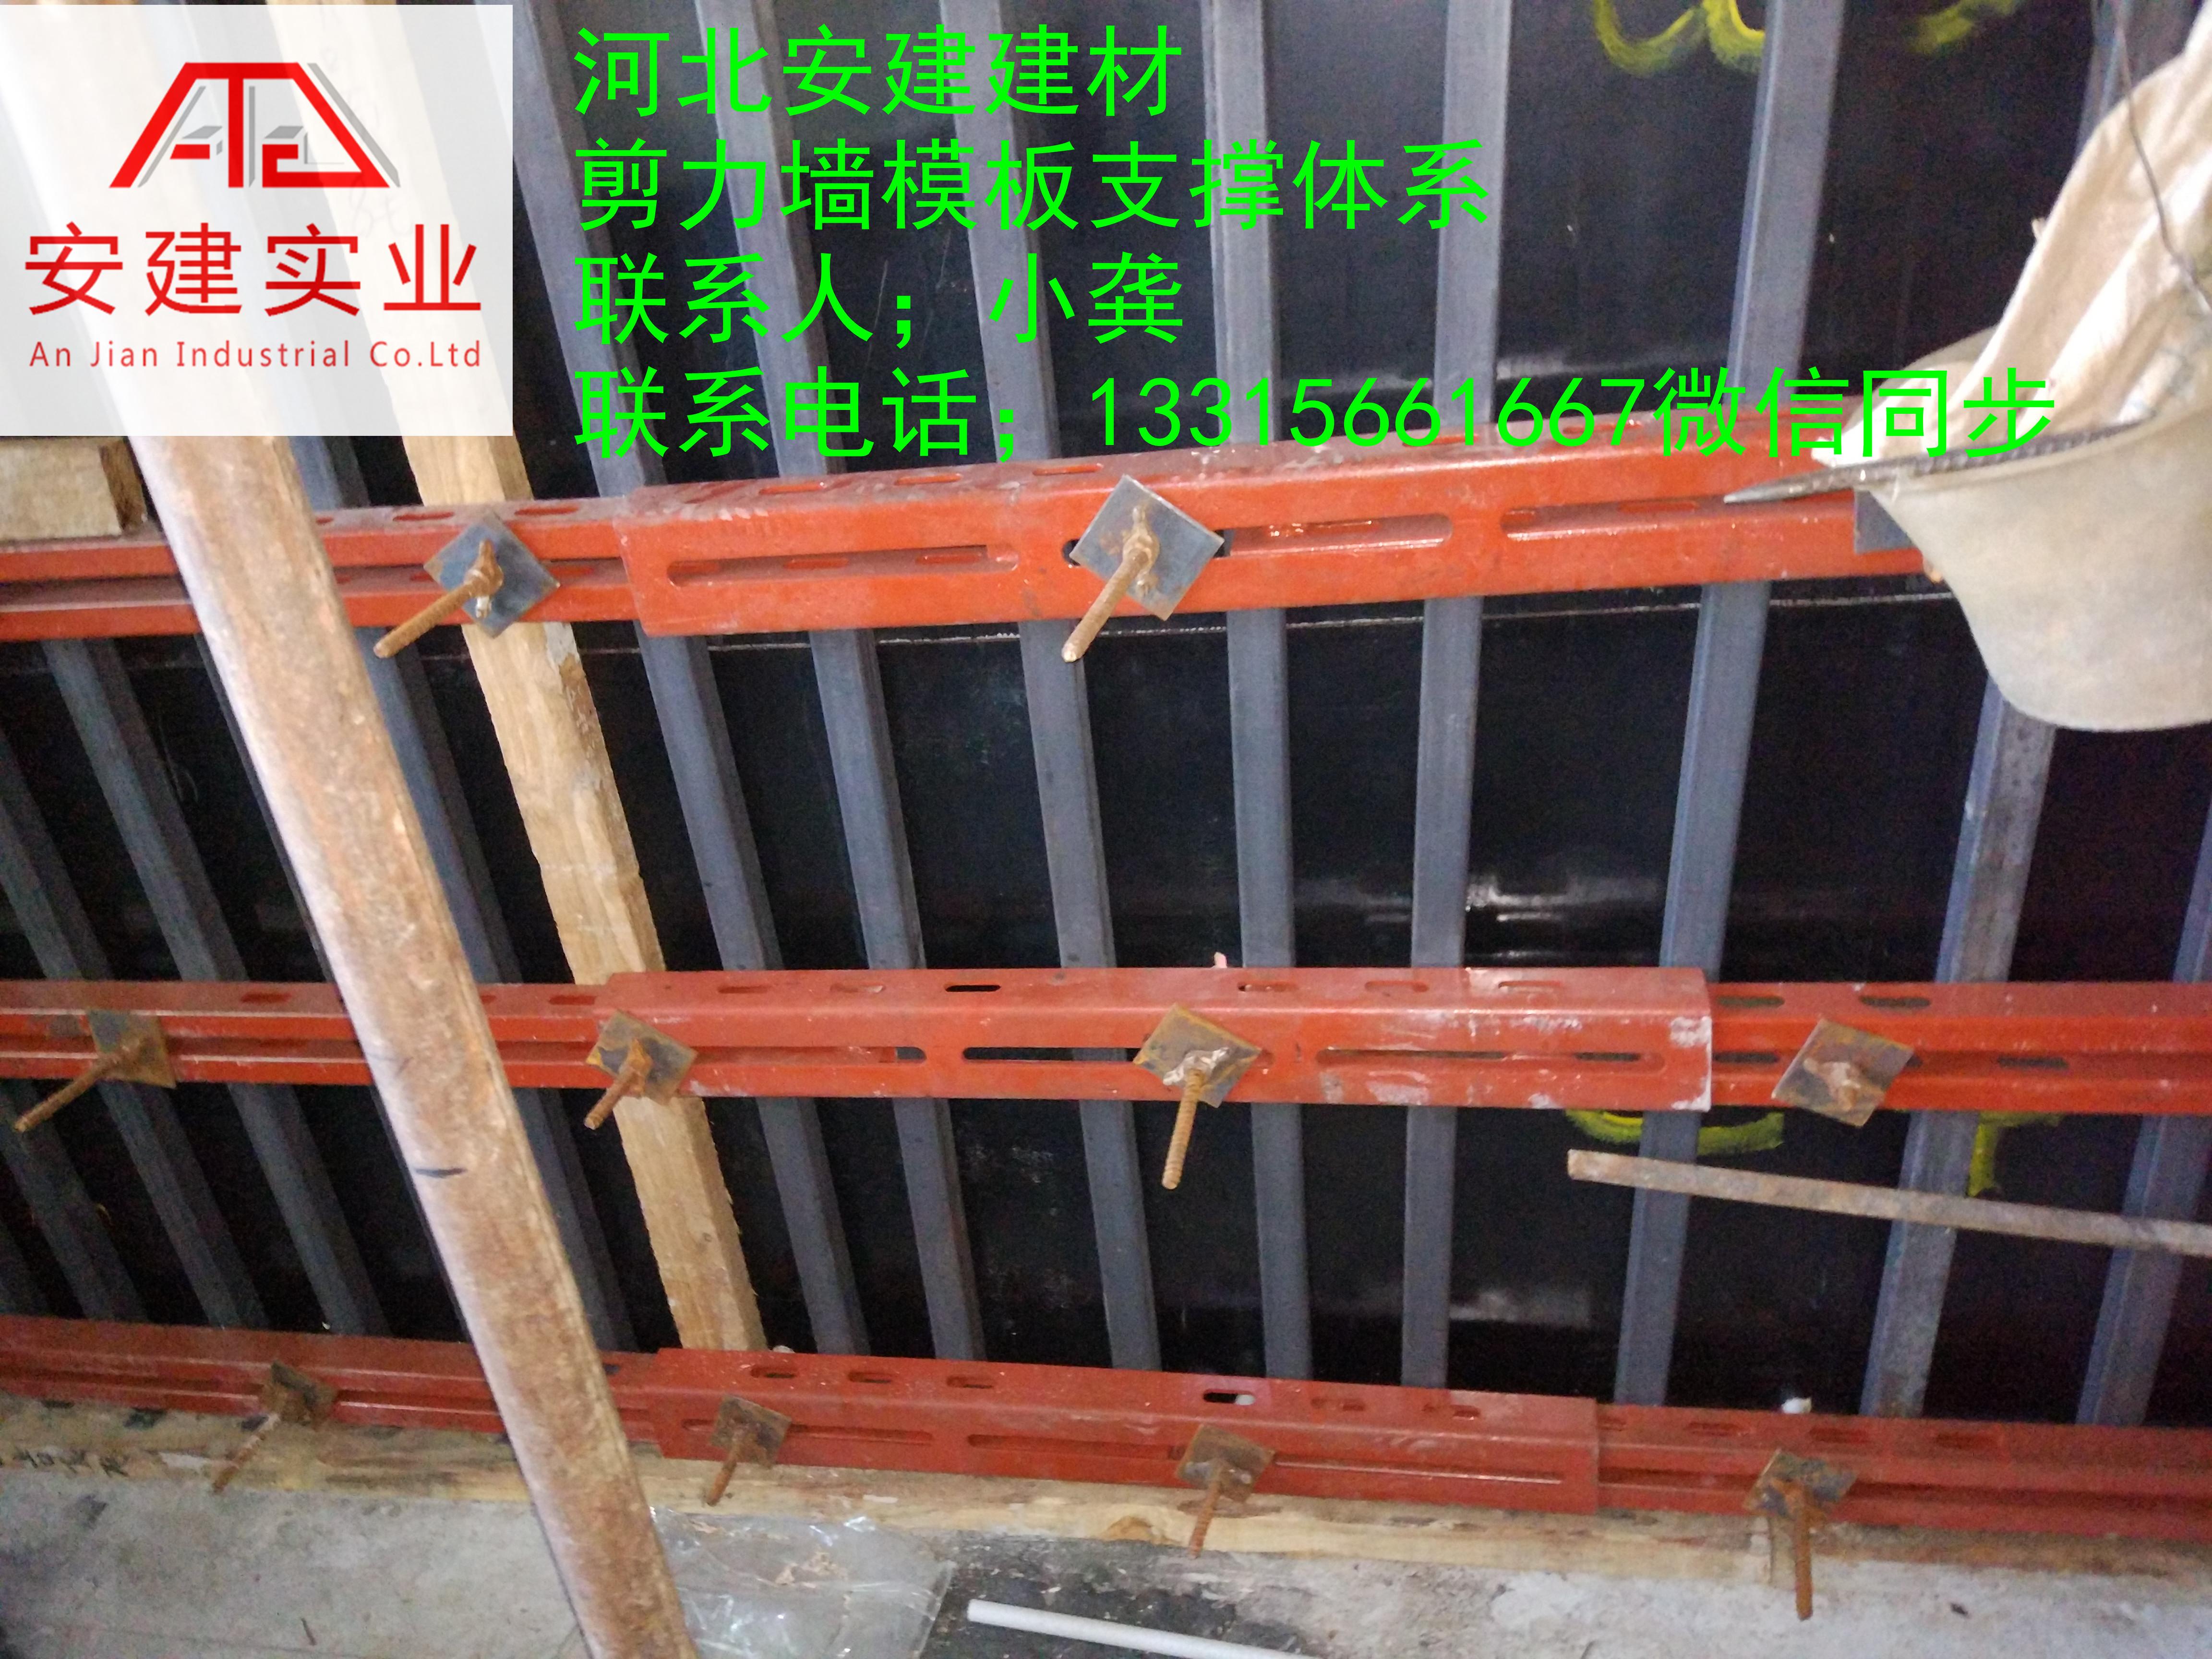 剪力墙模板支撑-免抹灰 剪力墙模板支撑-免抹灰架子管